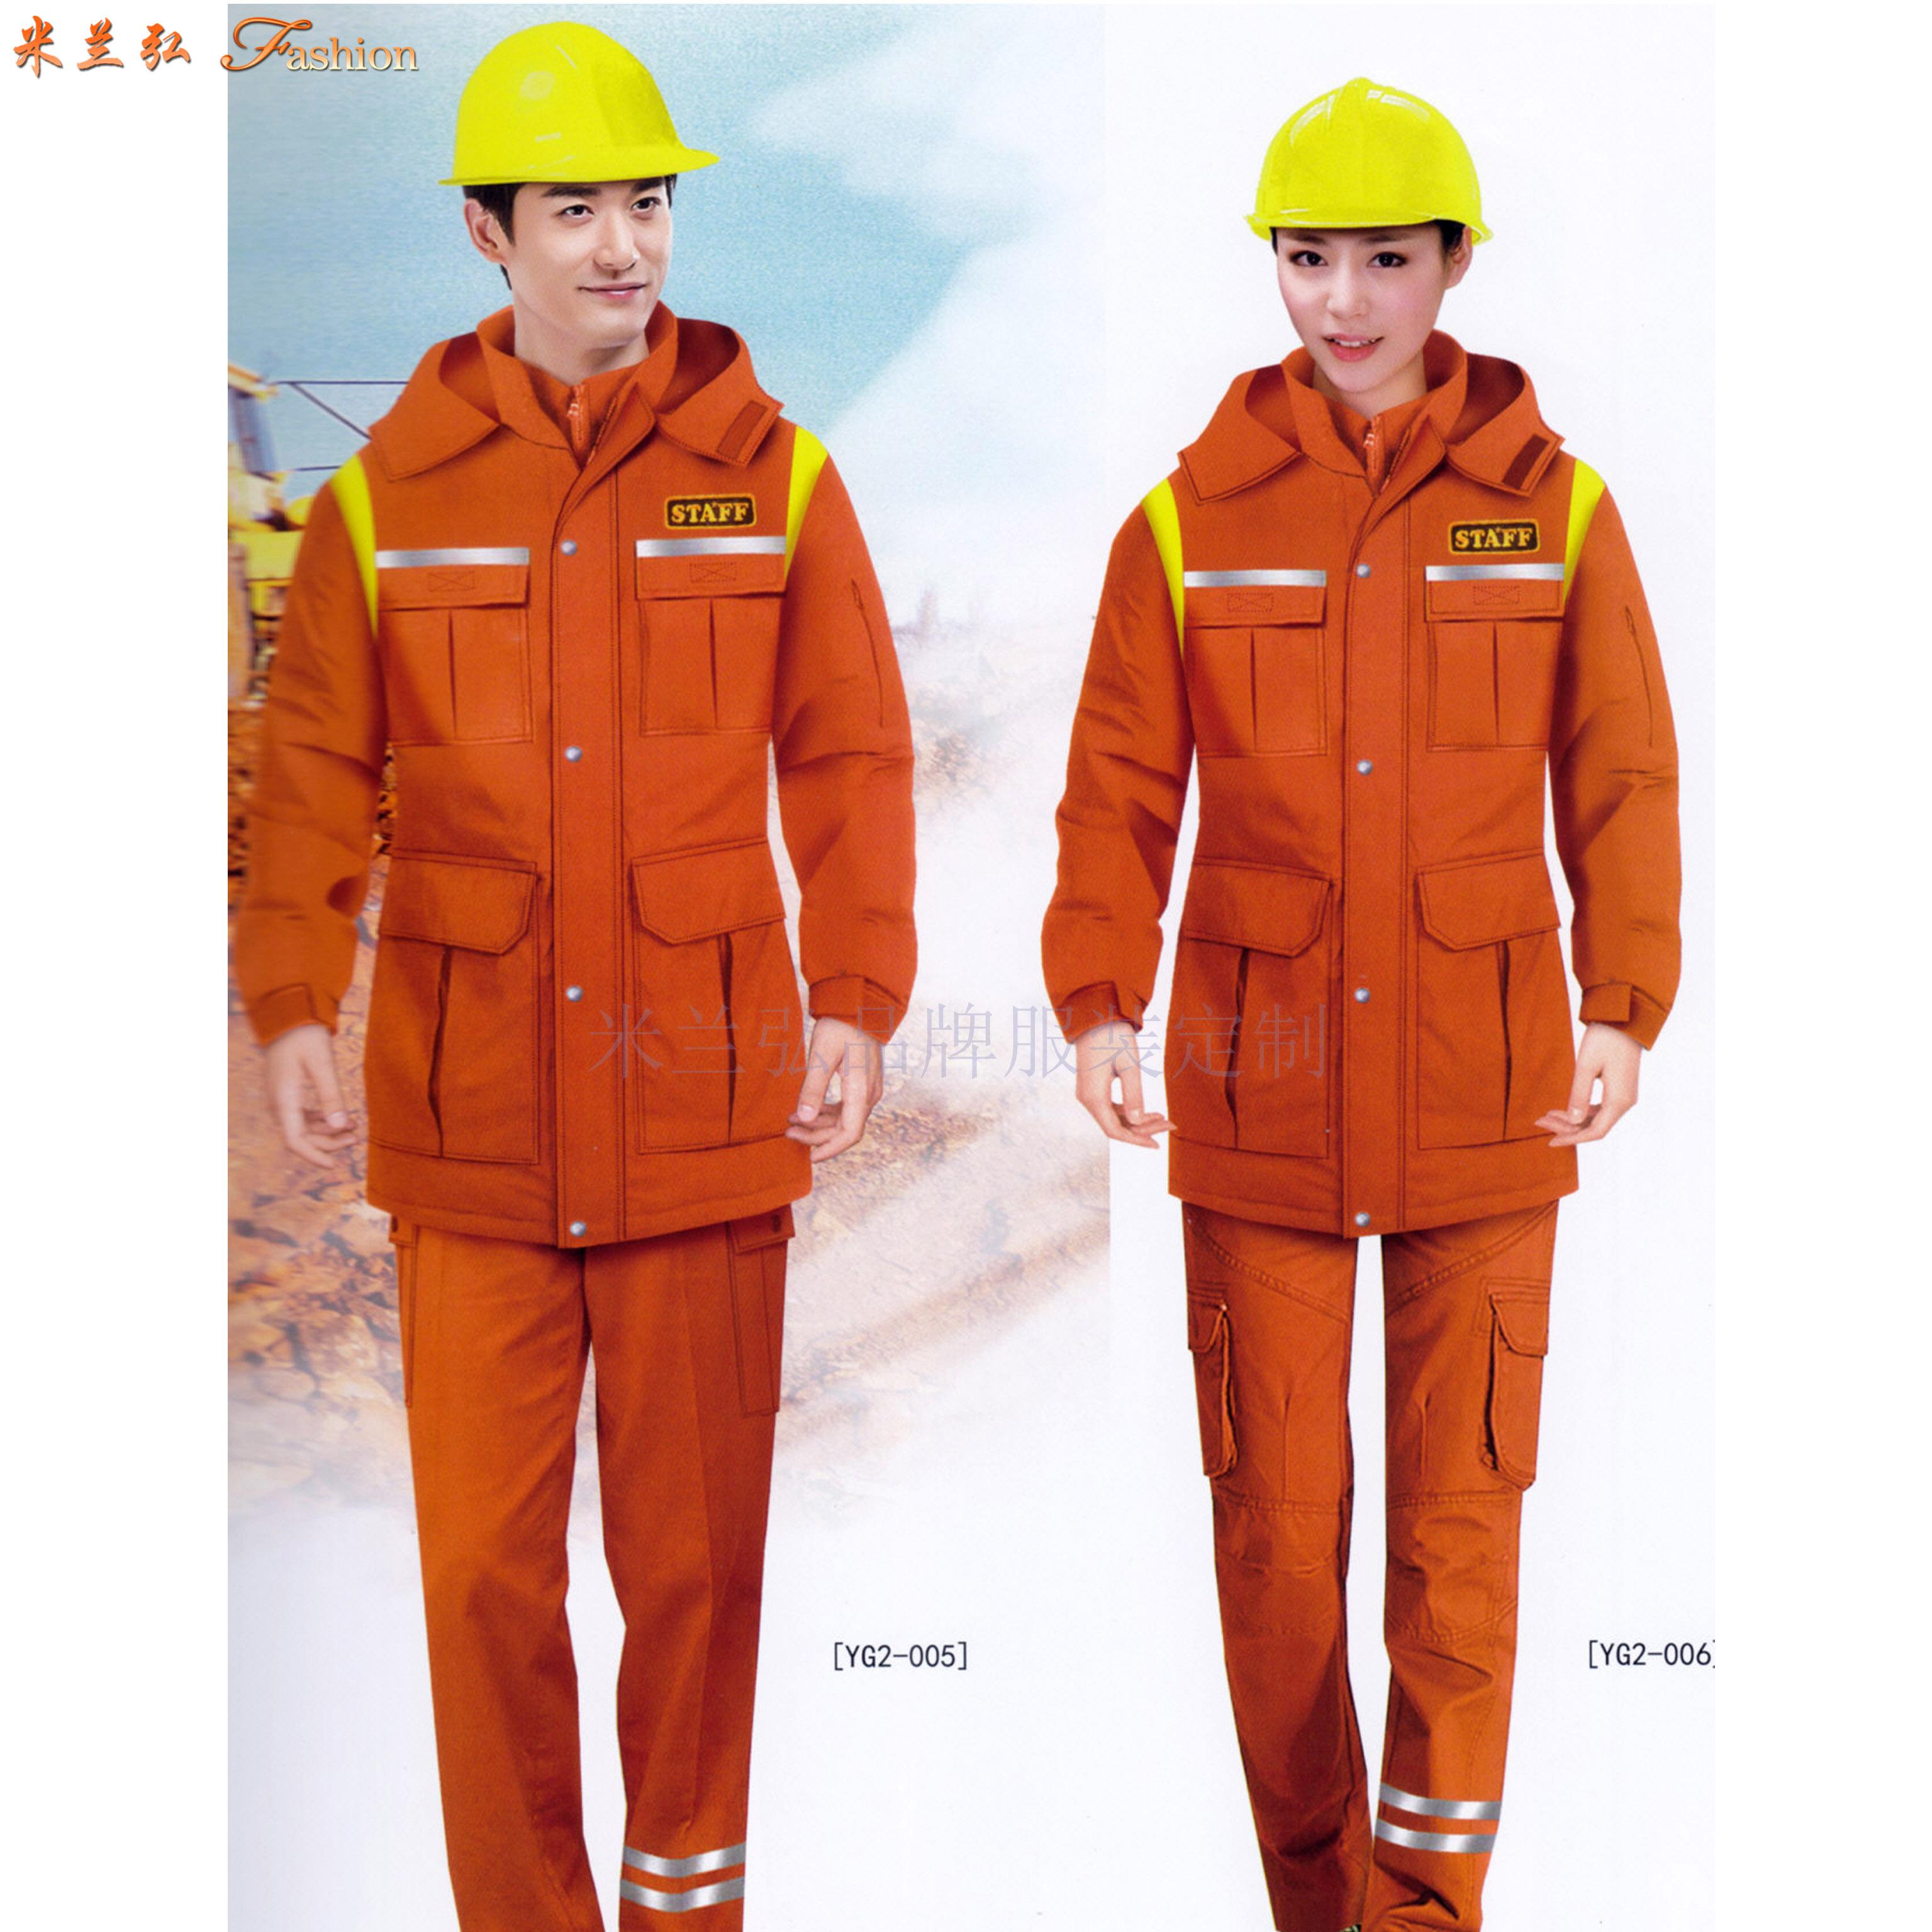 「冬天工作服款式」冬天工作服-米蘭弘服裝廠家-2